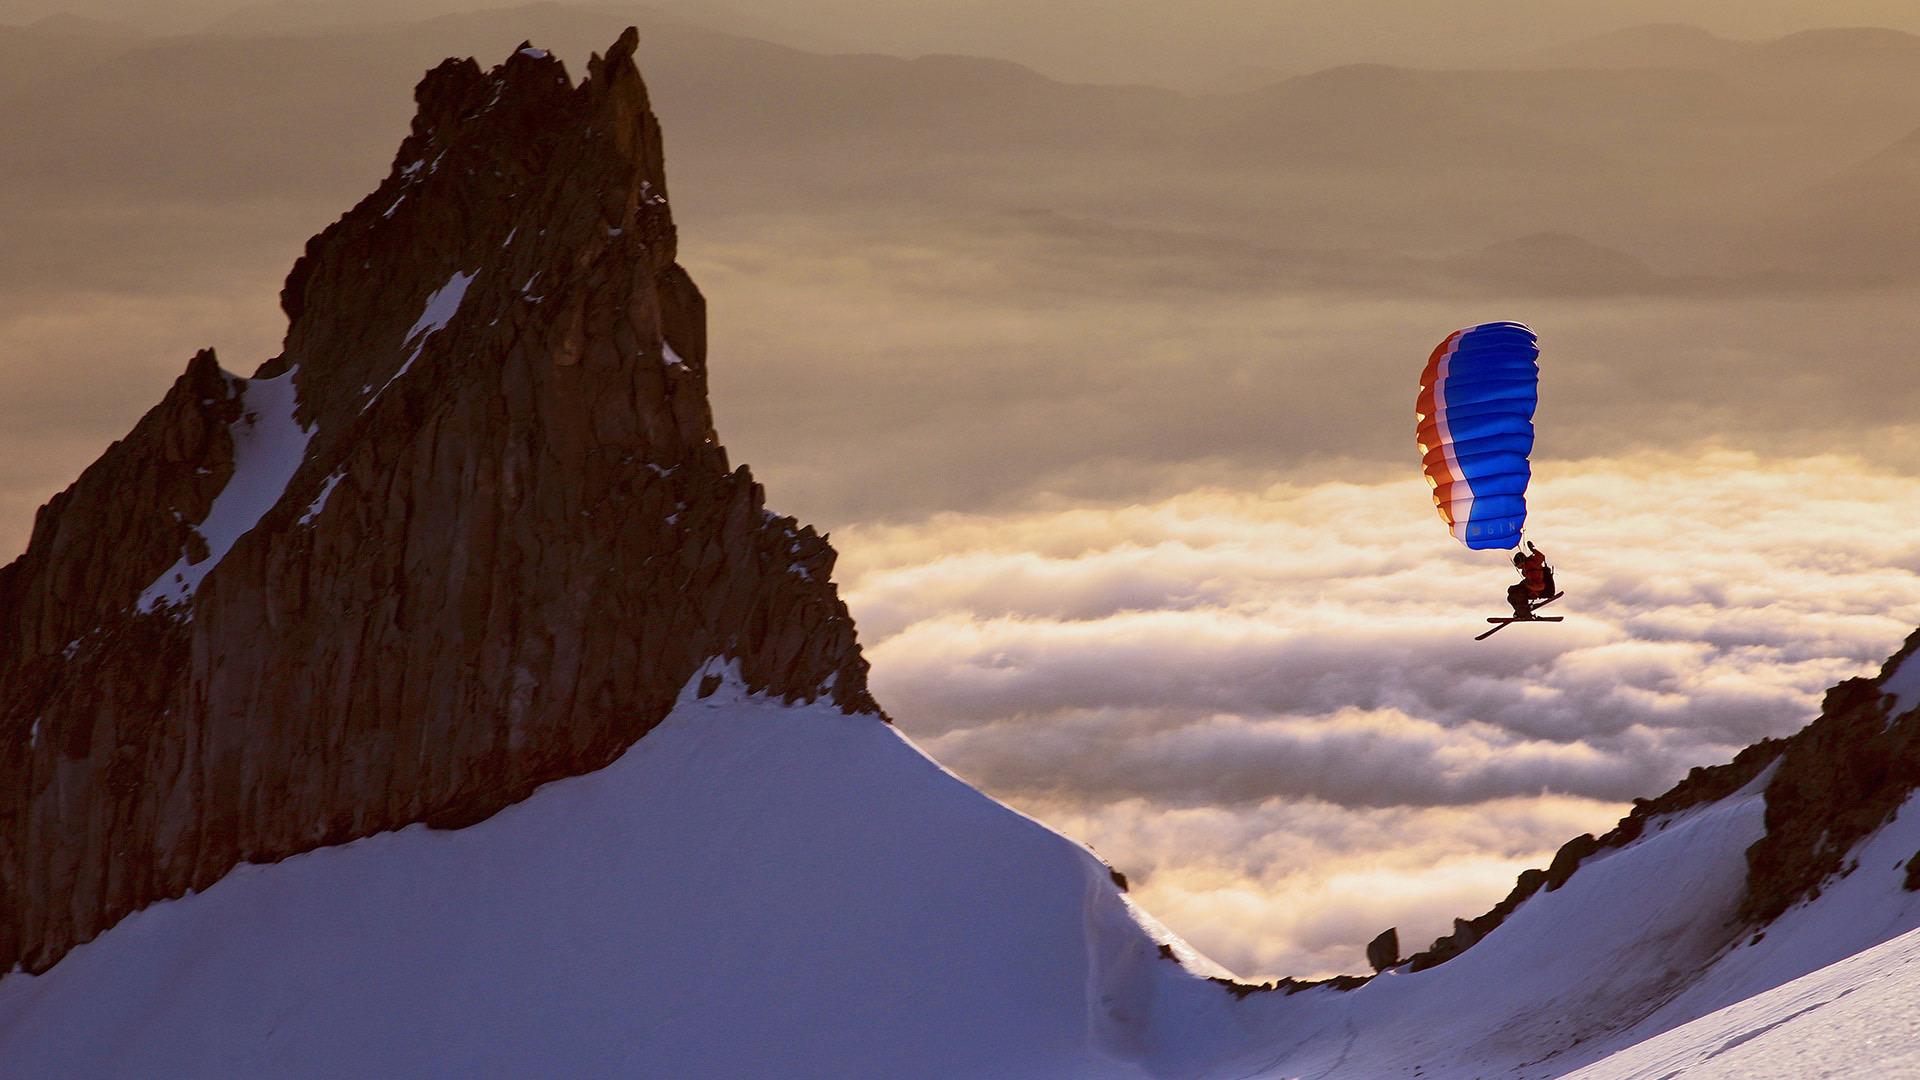 野外探险家亚历克斯·彼得森在胡德山南侧快速滑翔亚历克斯·彼得森